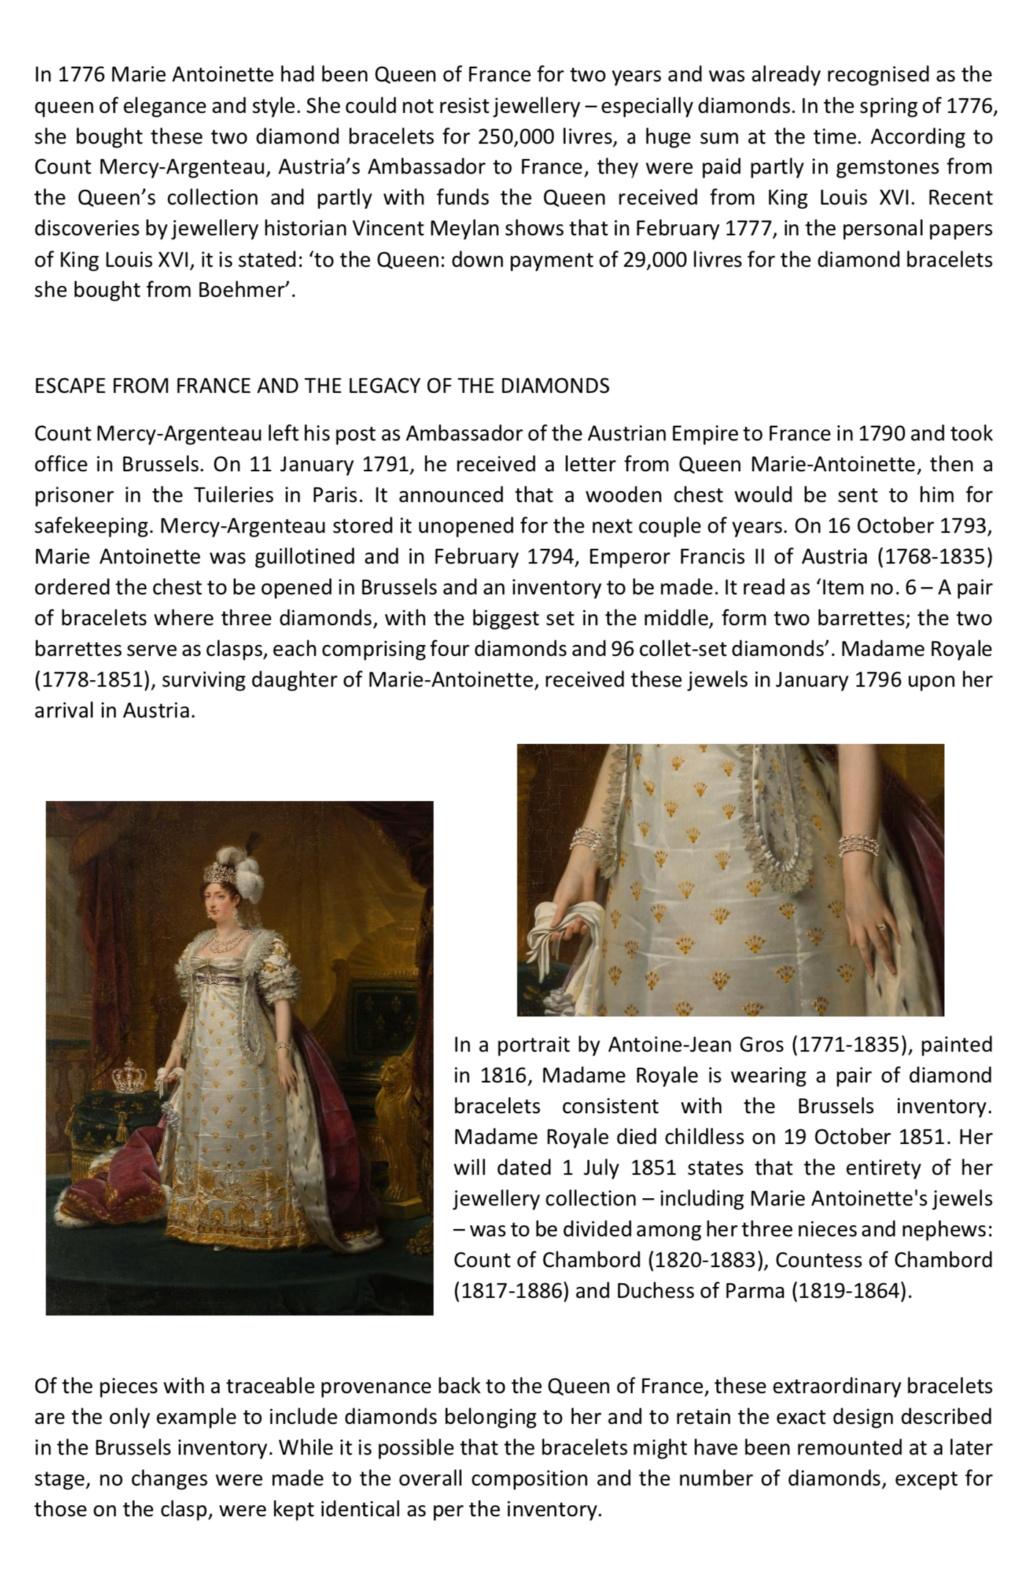 Bijoux de Marie-Antoinette : bracelets de diamants  - Page 2 Capt3026